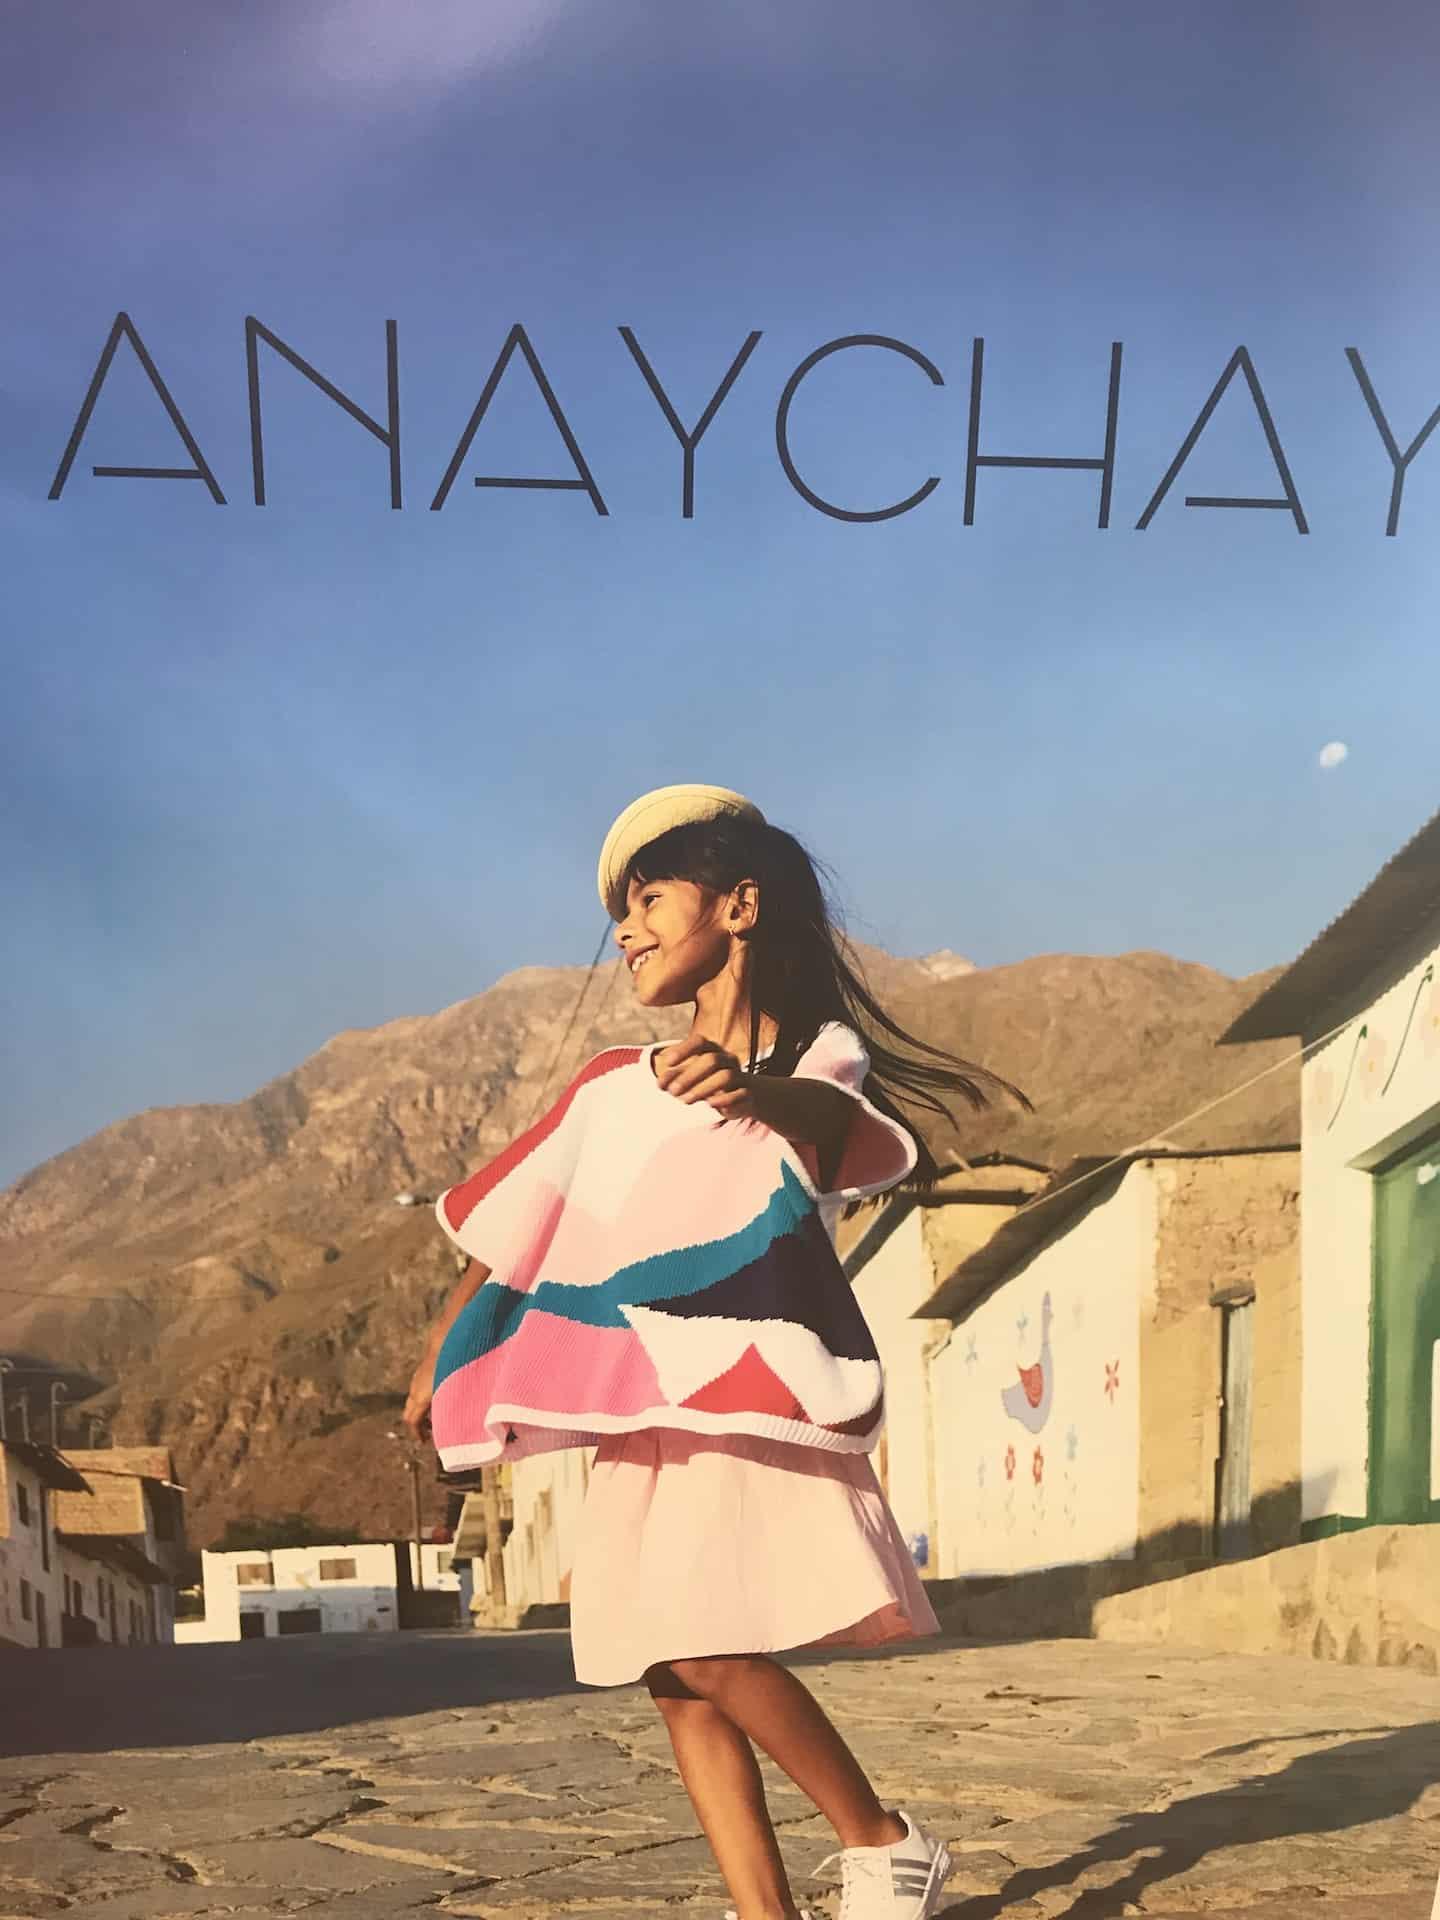 Anaychay SS20 kids fashion collection at Pitti Bimbo 89